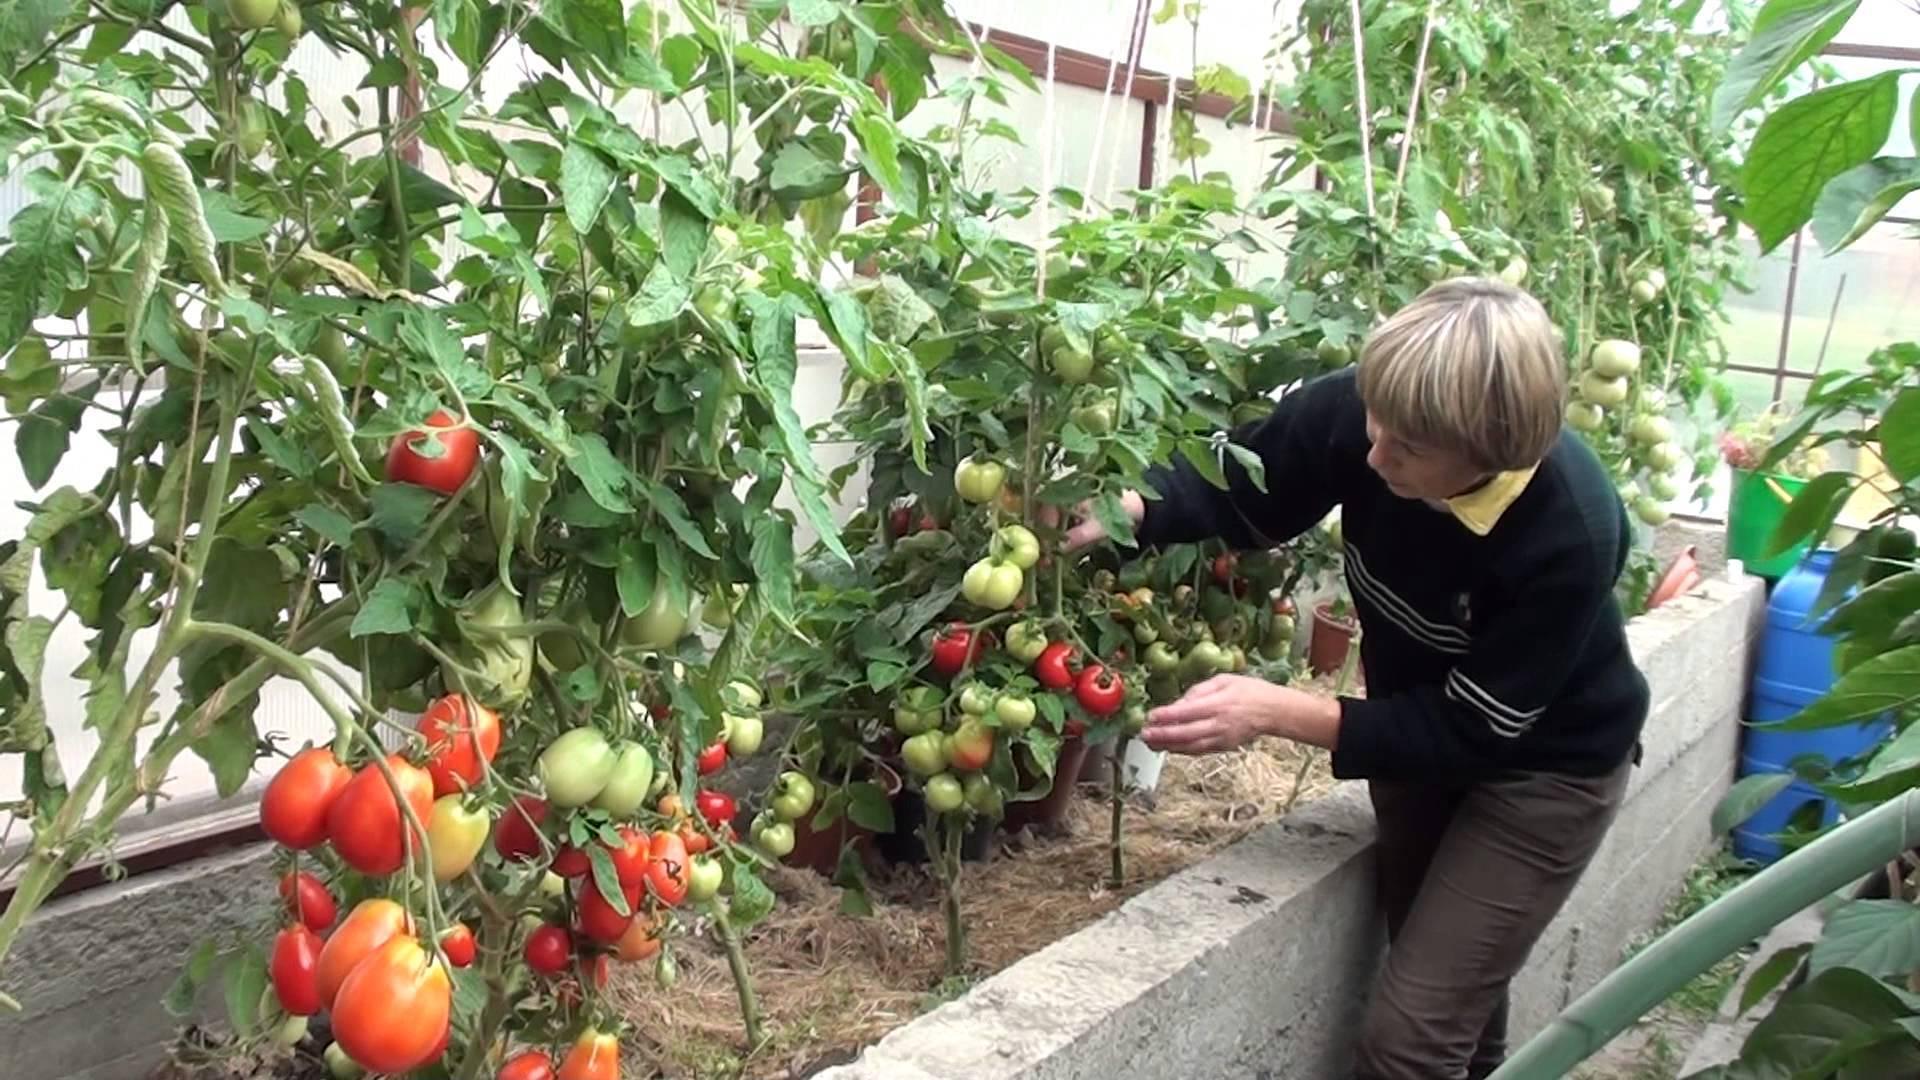 Что класть в лунку при посадке помидор: какие удобрения можно вносить